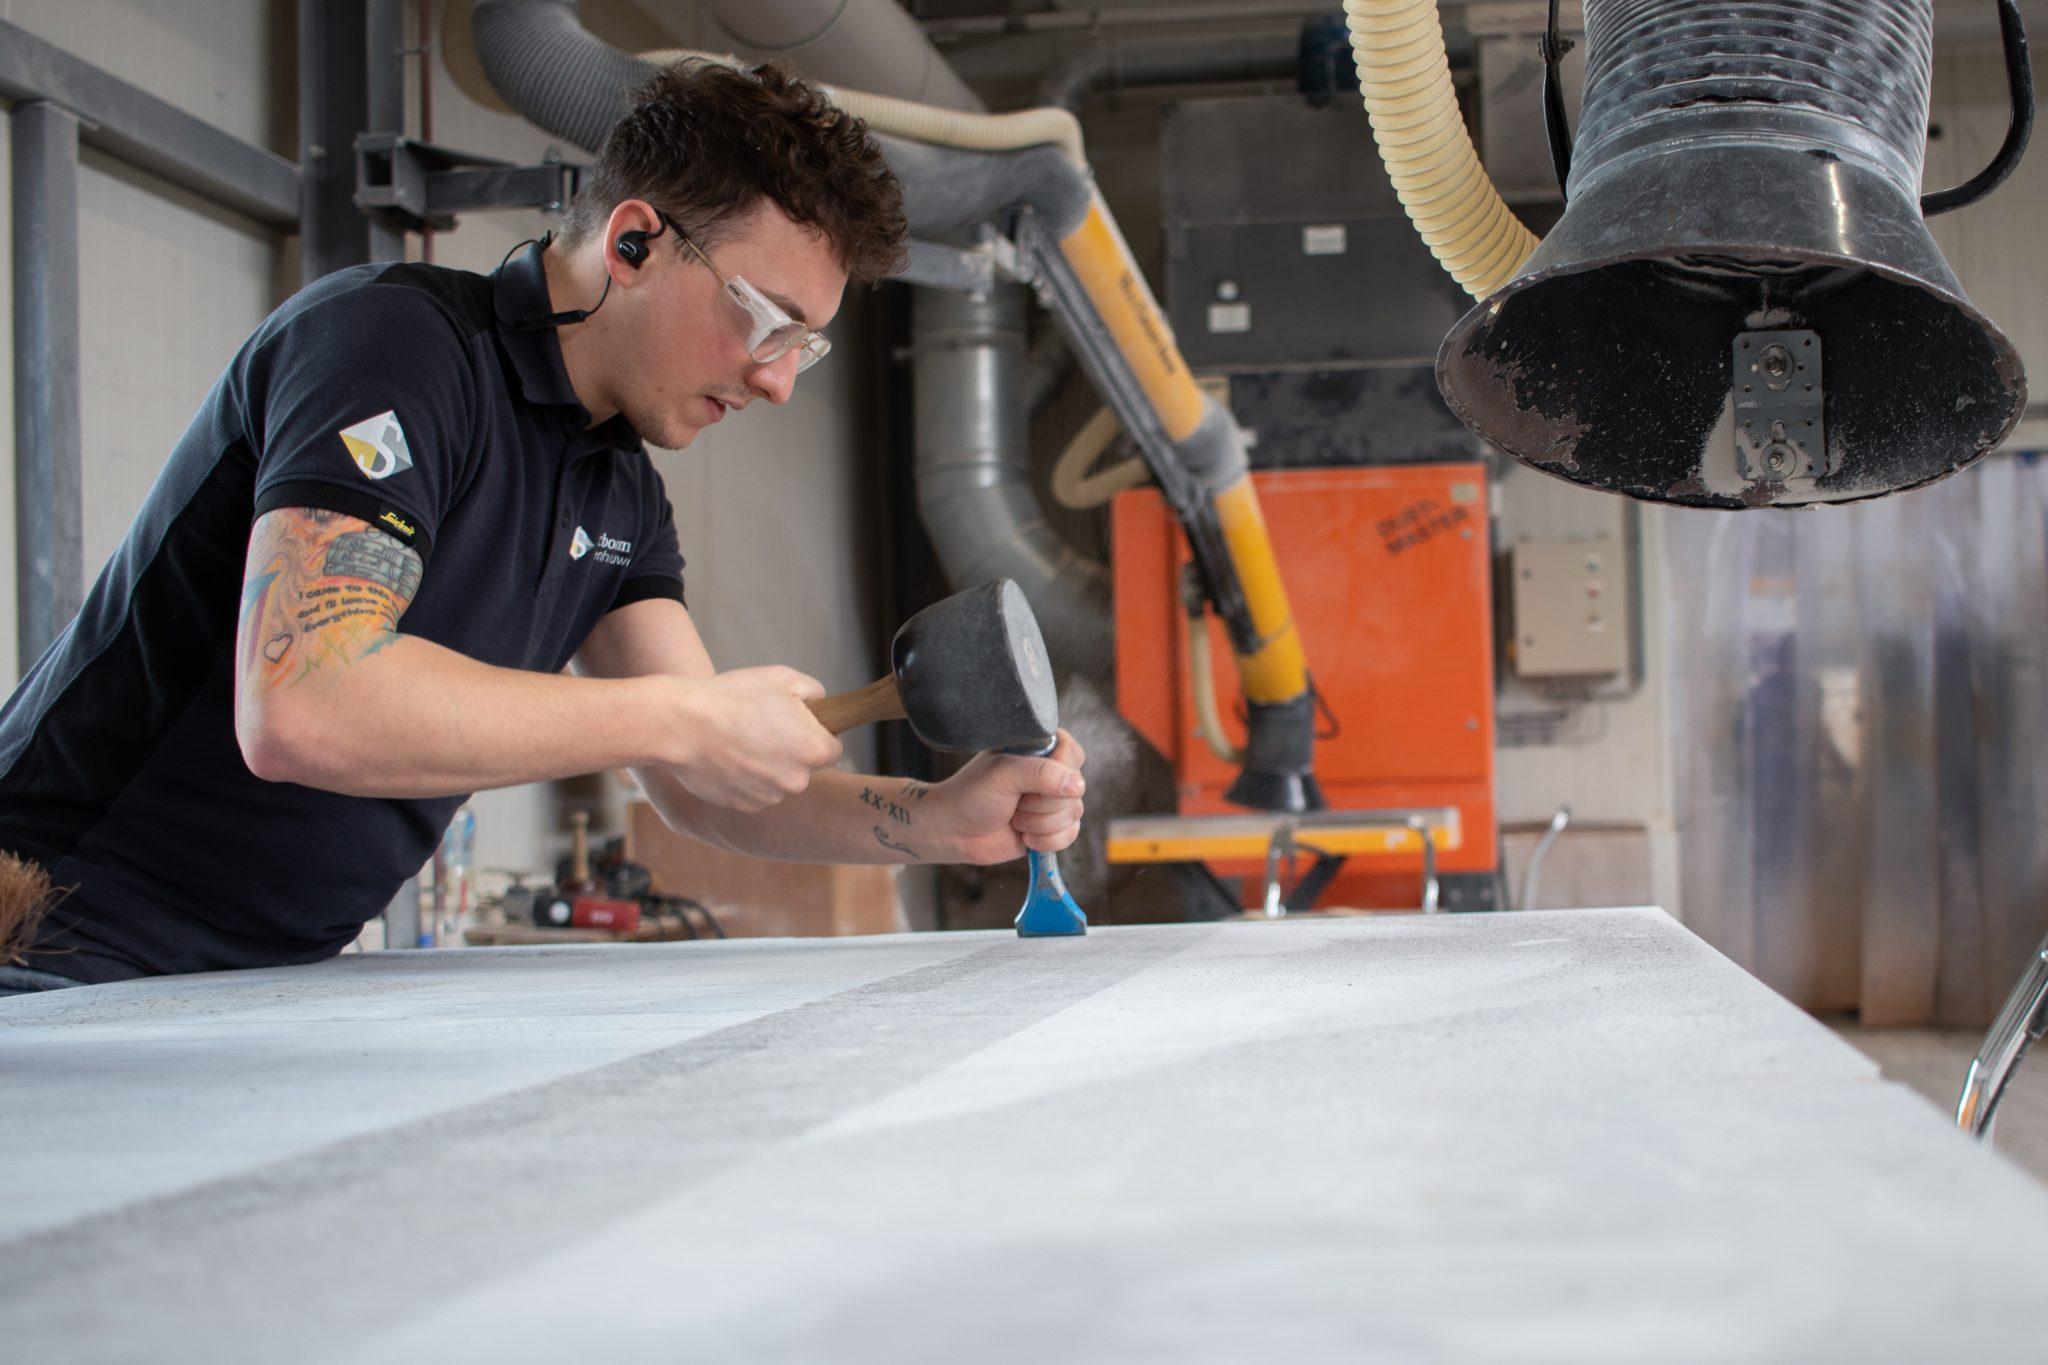 Het frijnen van de oppervlakten is een intensieve klus waarvoor de nodige concentratie vereist is.